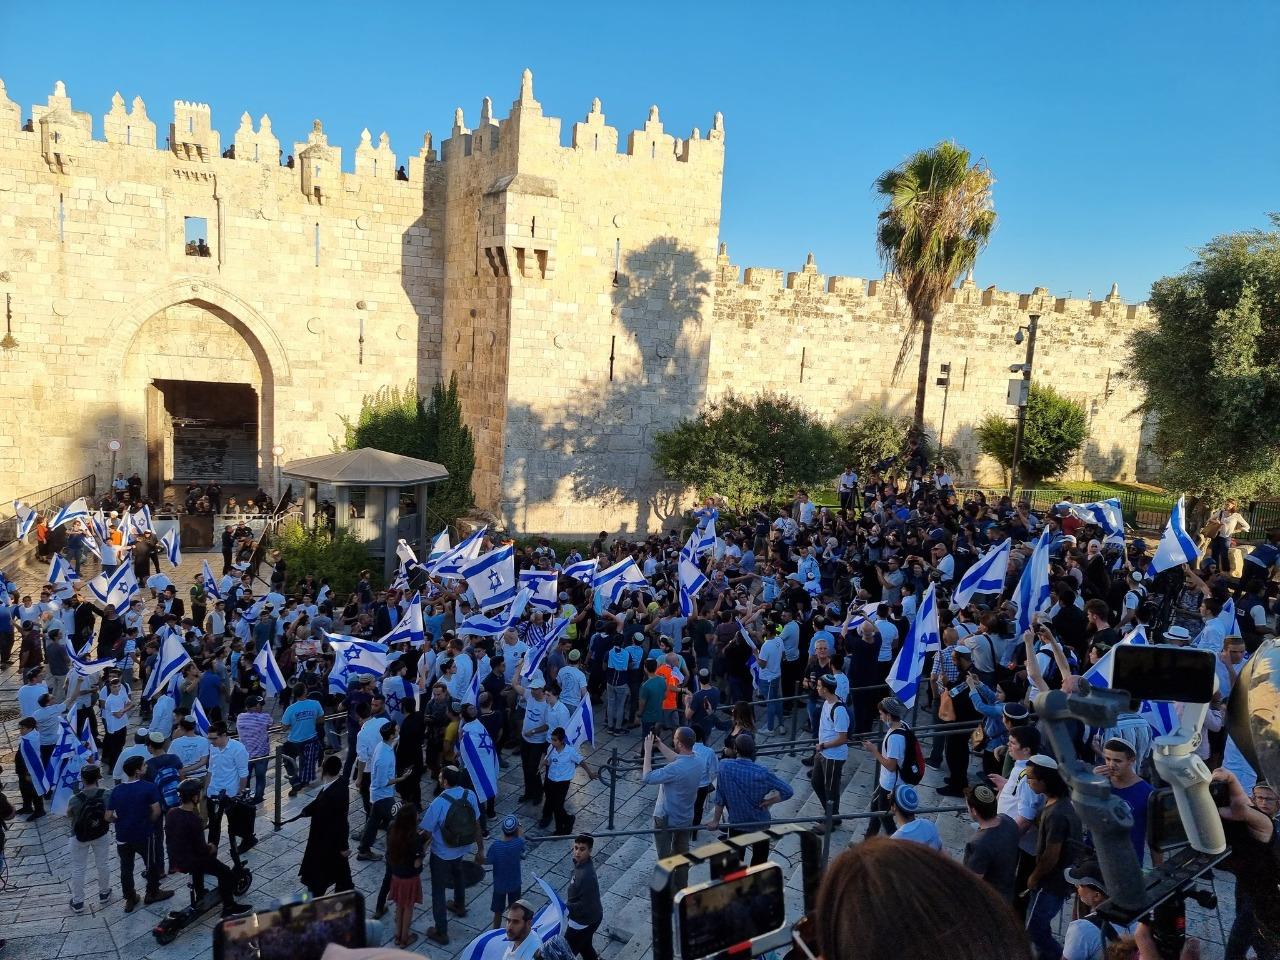 انتهاء مسيرة الأعلام وانسحاب قوات الاحتلال والمستوطنين من منطقة باب العامود